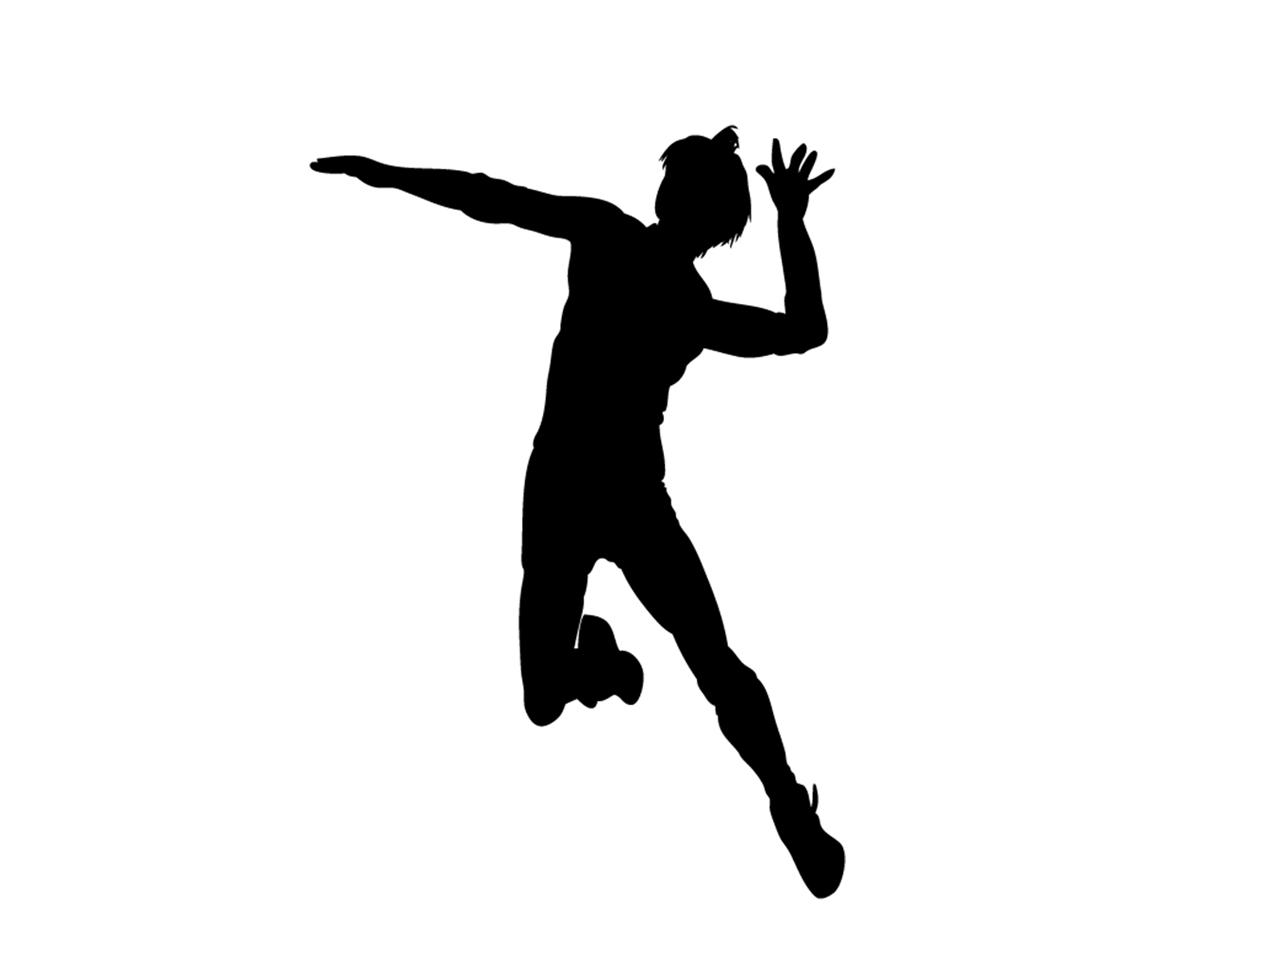 あん馬・跳馬・鉄棒・つり輪・段違い平行棒・低鉄棒・バドミントン・バレー・テニス用床金具